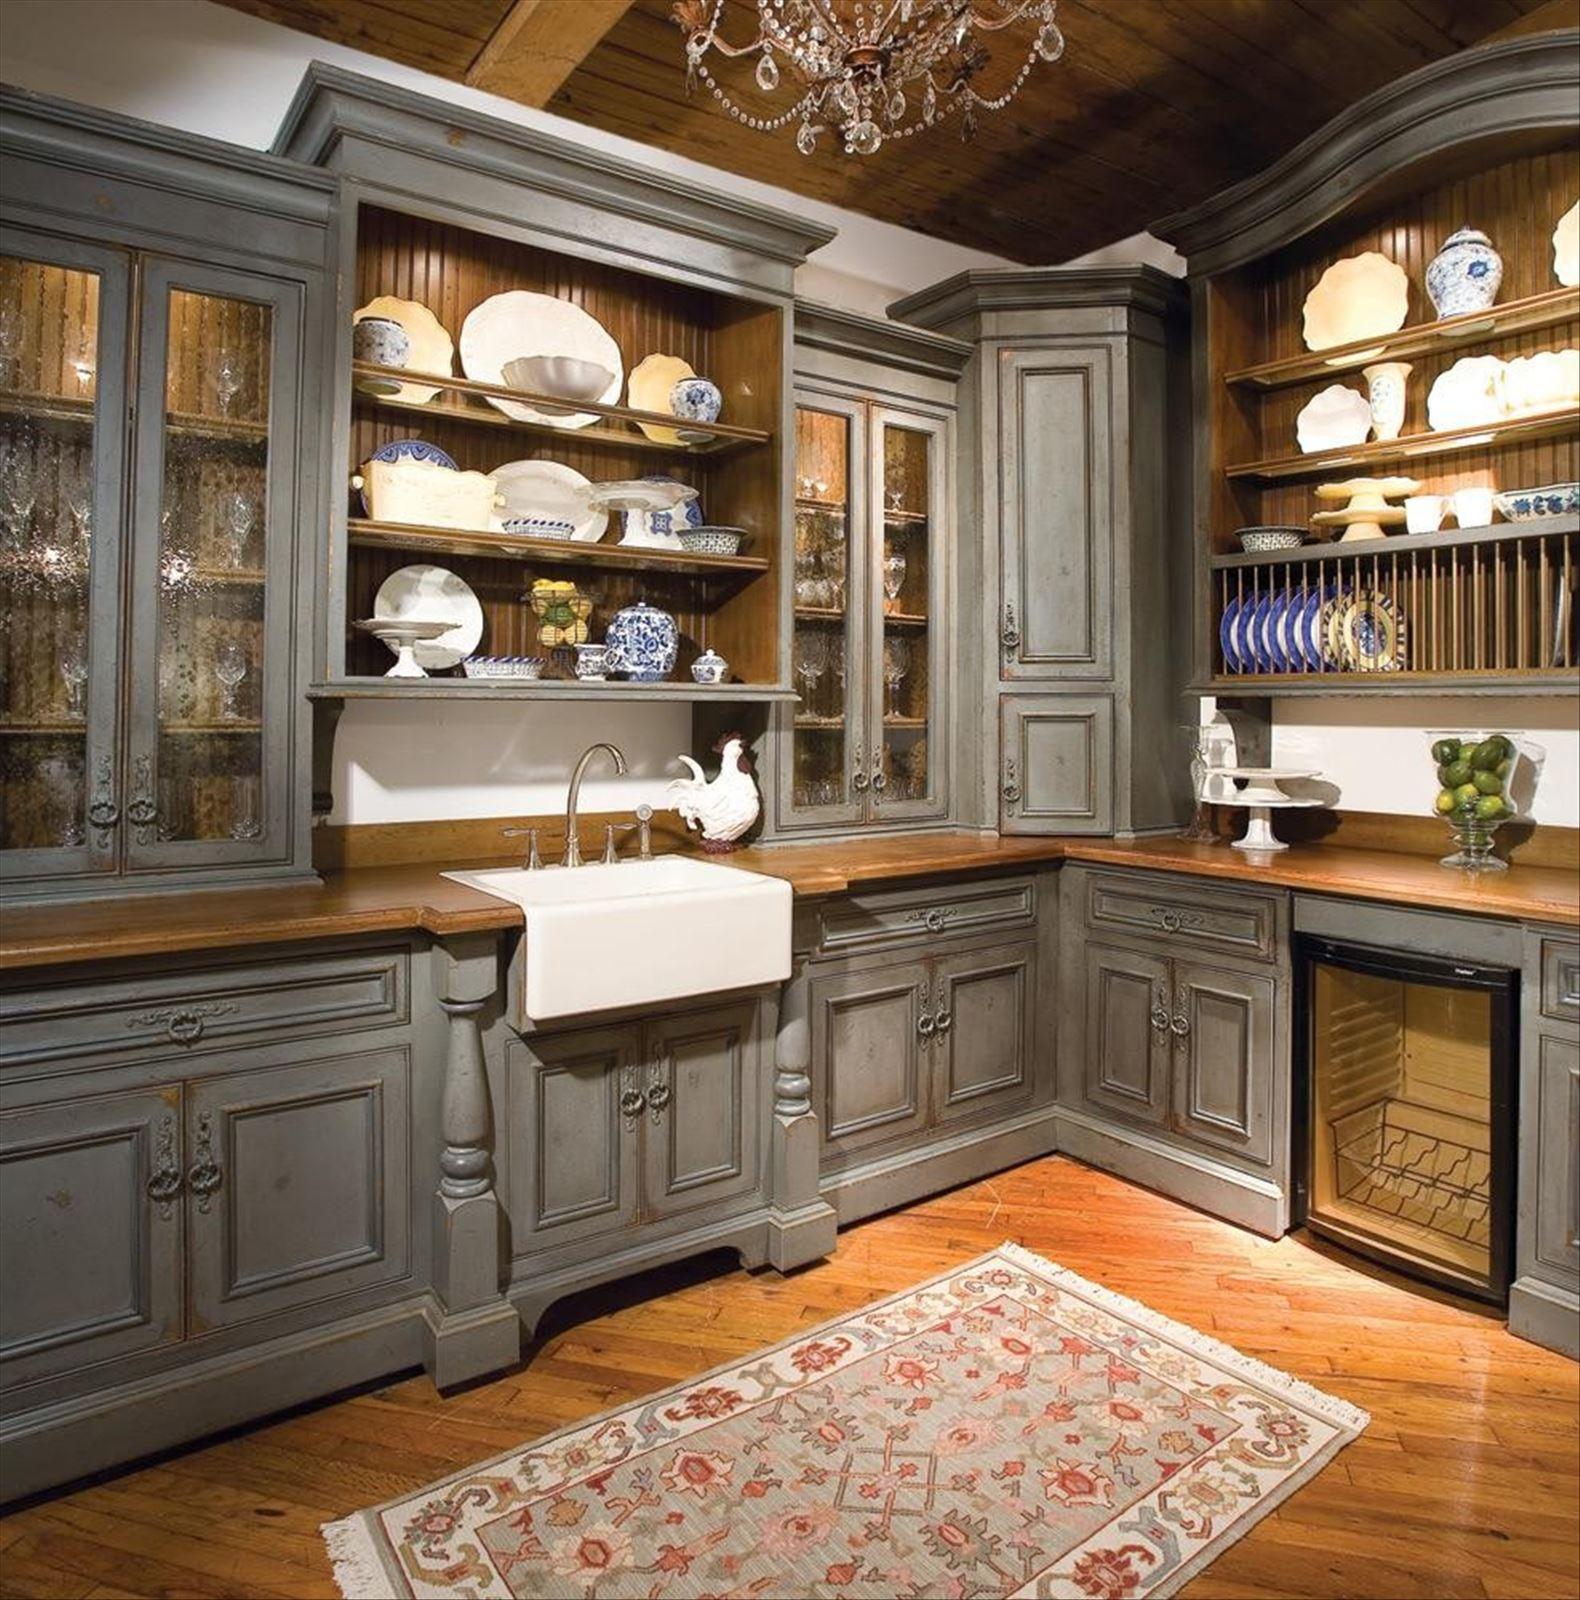 разновидности камня классические кухни своими руками фото время съемок перед